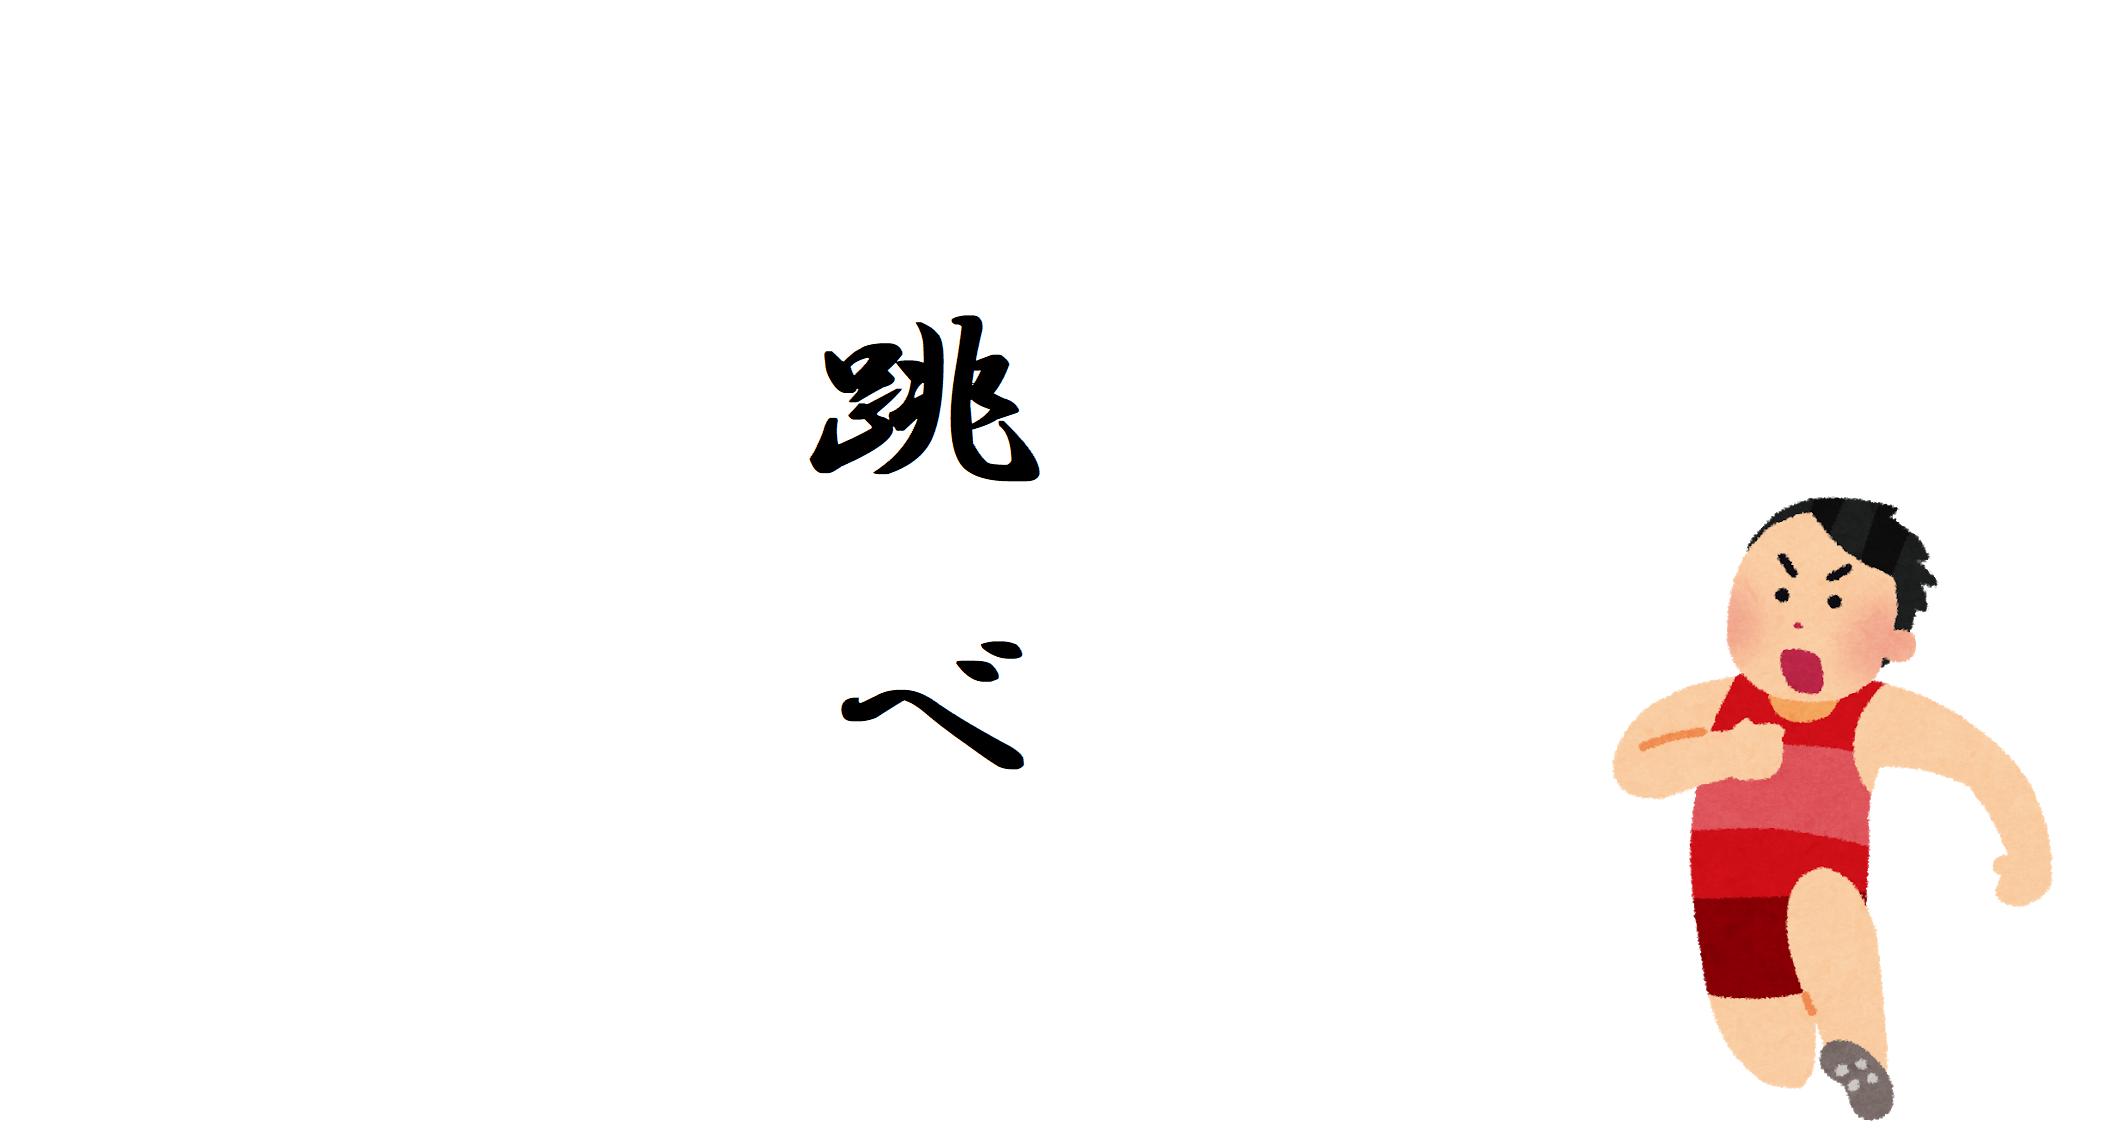 「跳べ」のイメージ